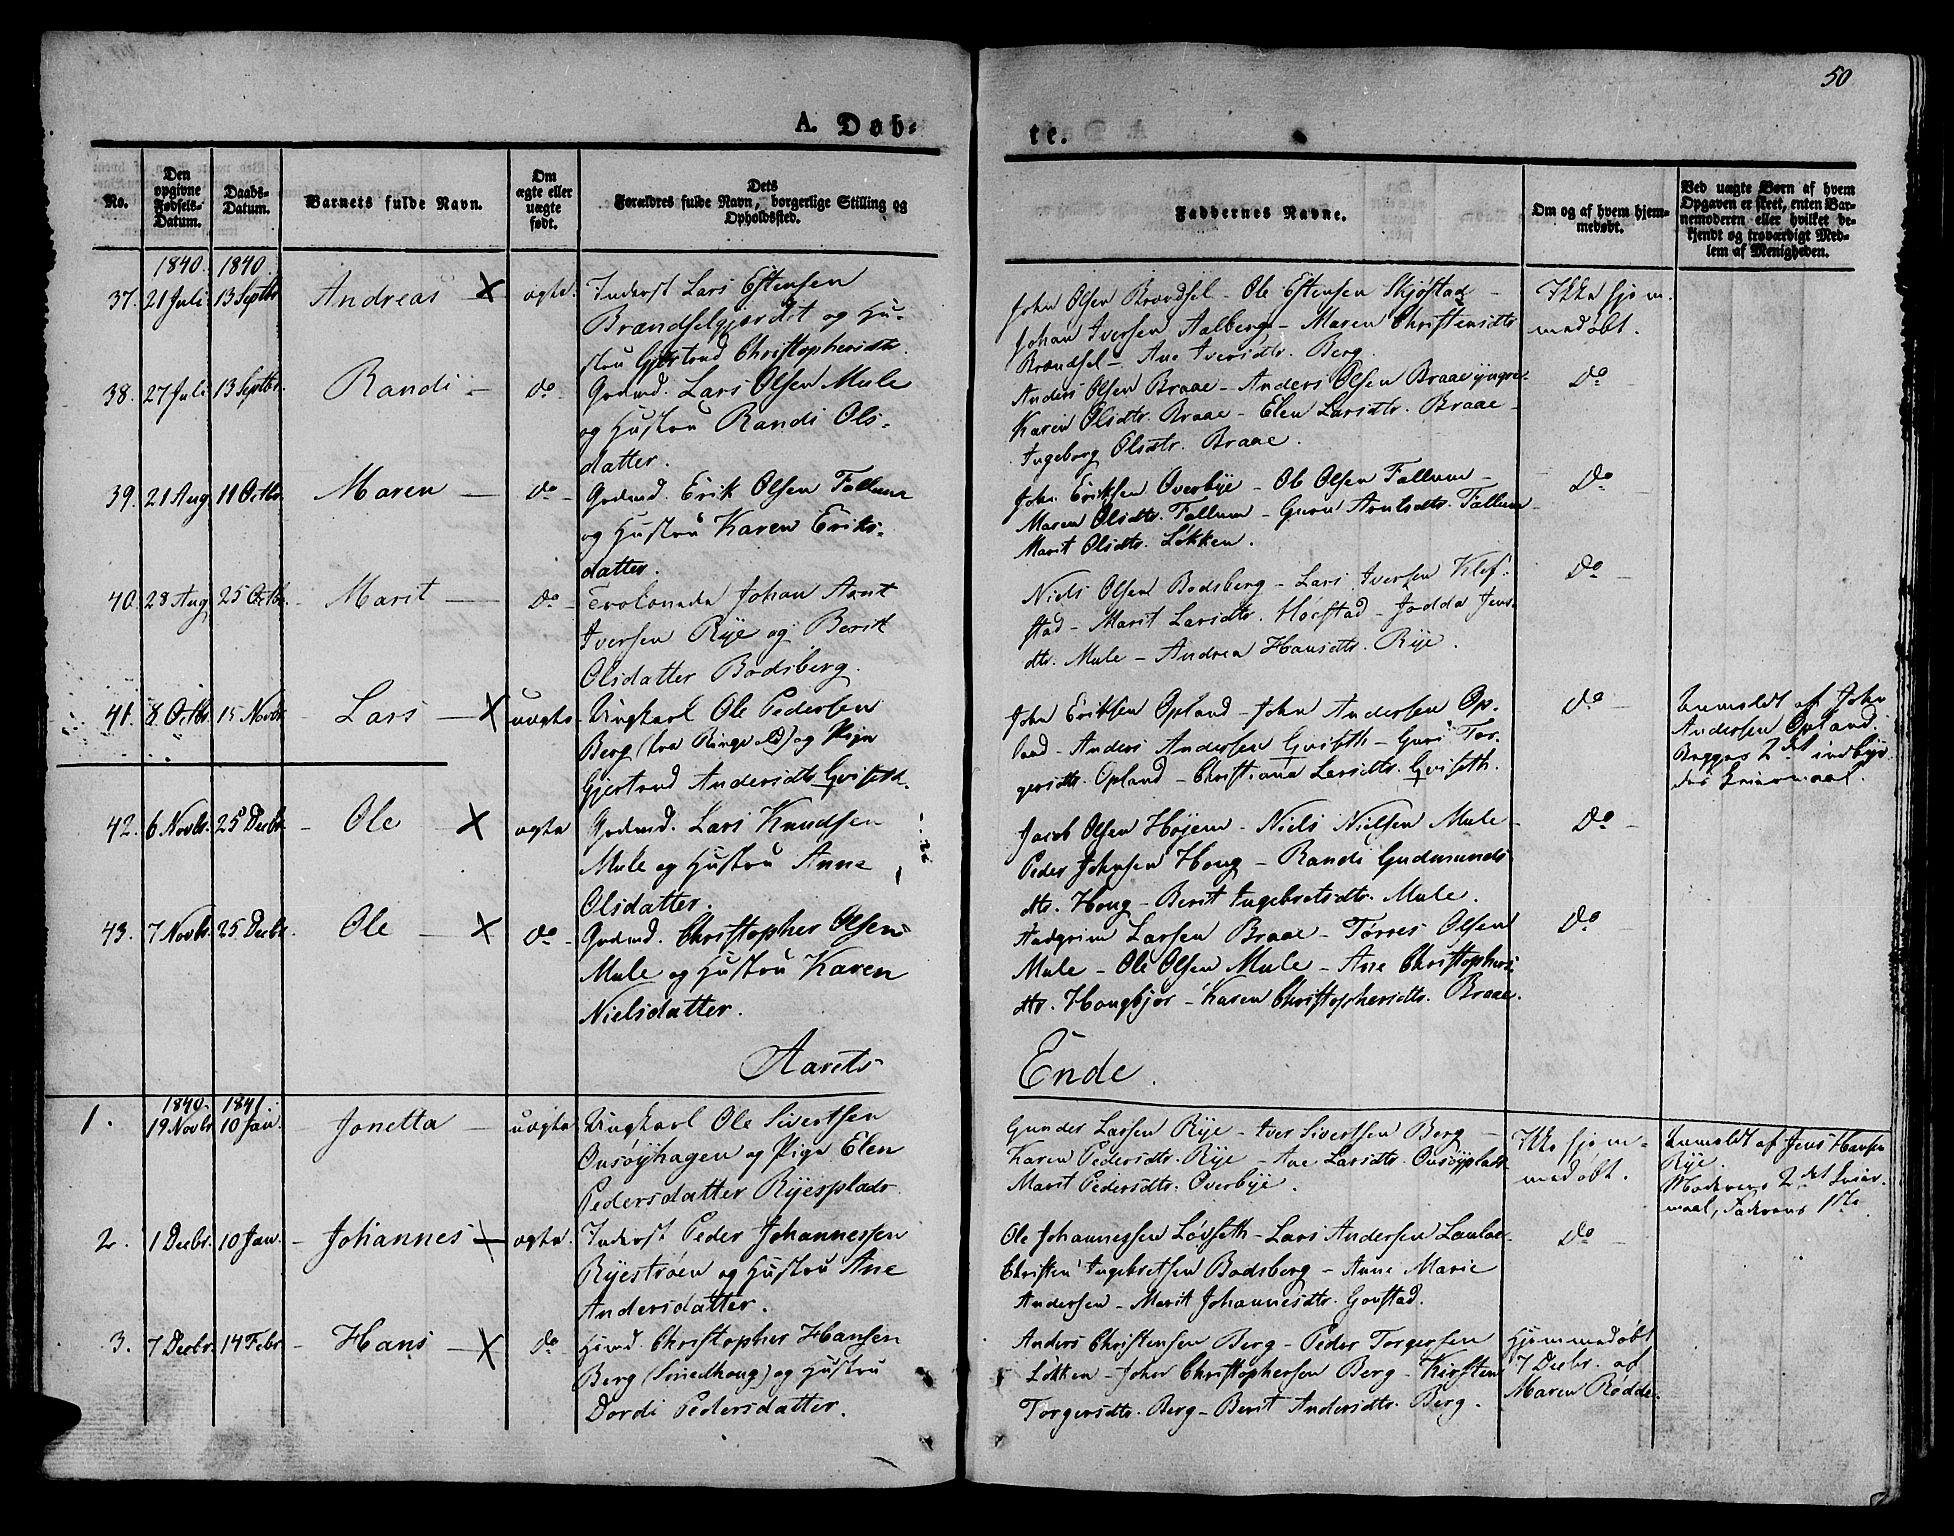 SAT, Ministerialprotokoller, klokkerbøker og fødselsregistre - Sør-Trøndelag, 612/L0374: Ministerialbok nr. 612A07 /1, 1829-1845, s. 50